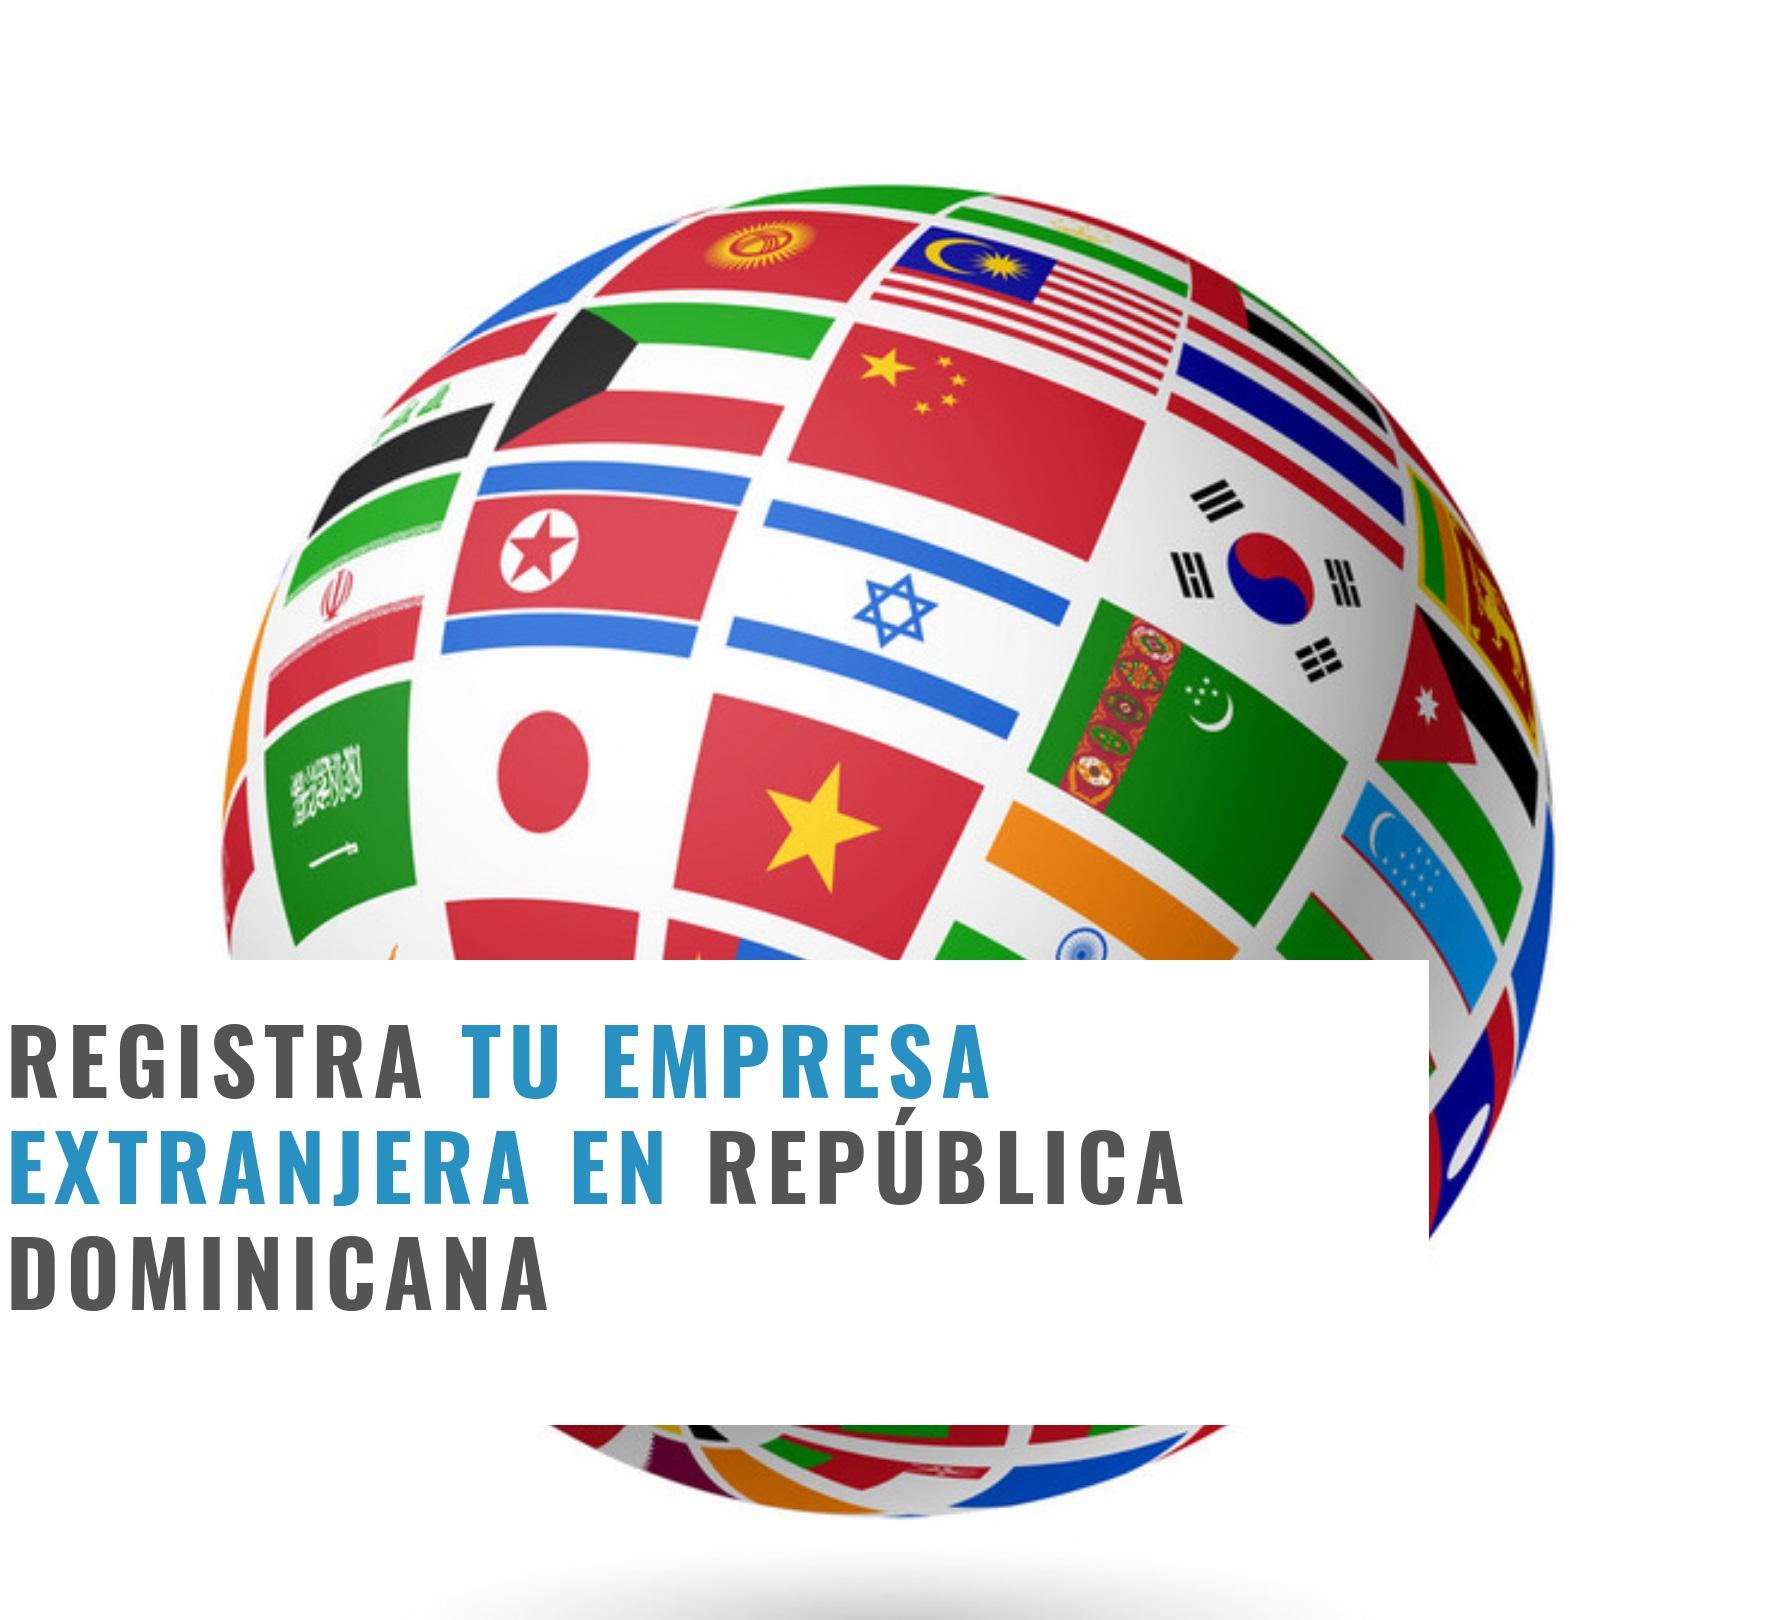 Registra empresa Extranjera en República Dominicana